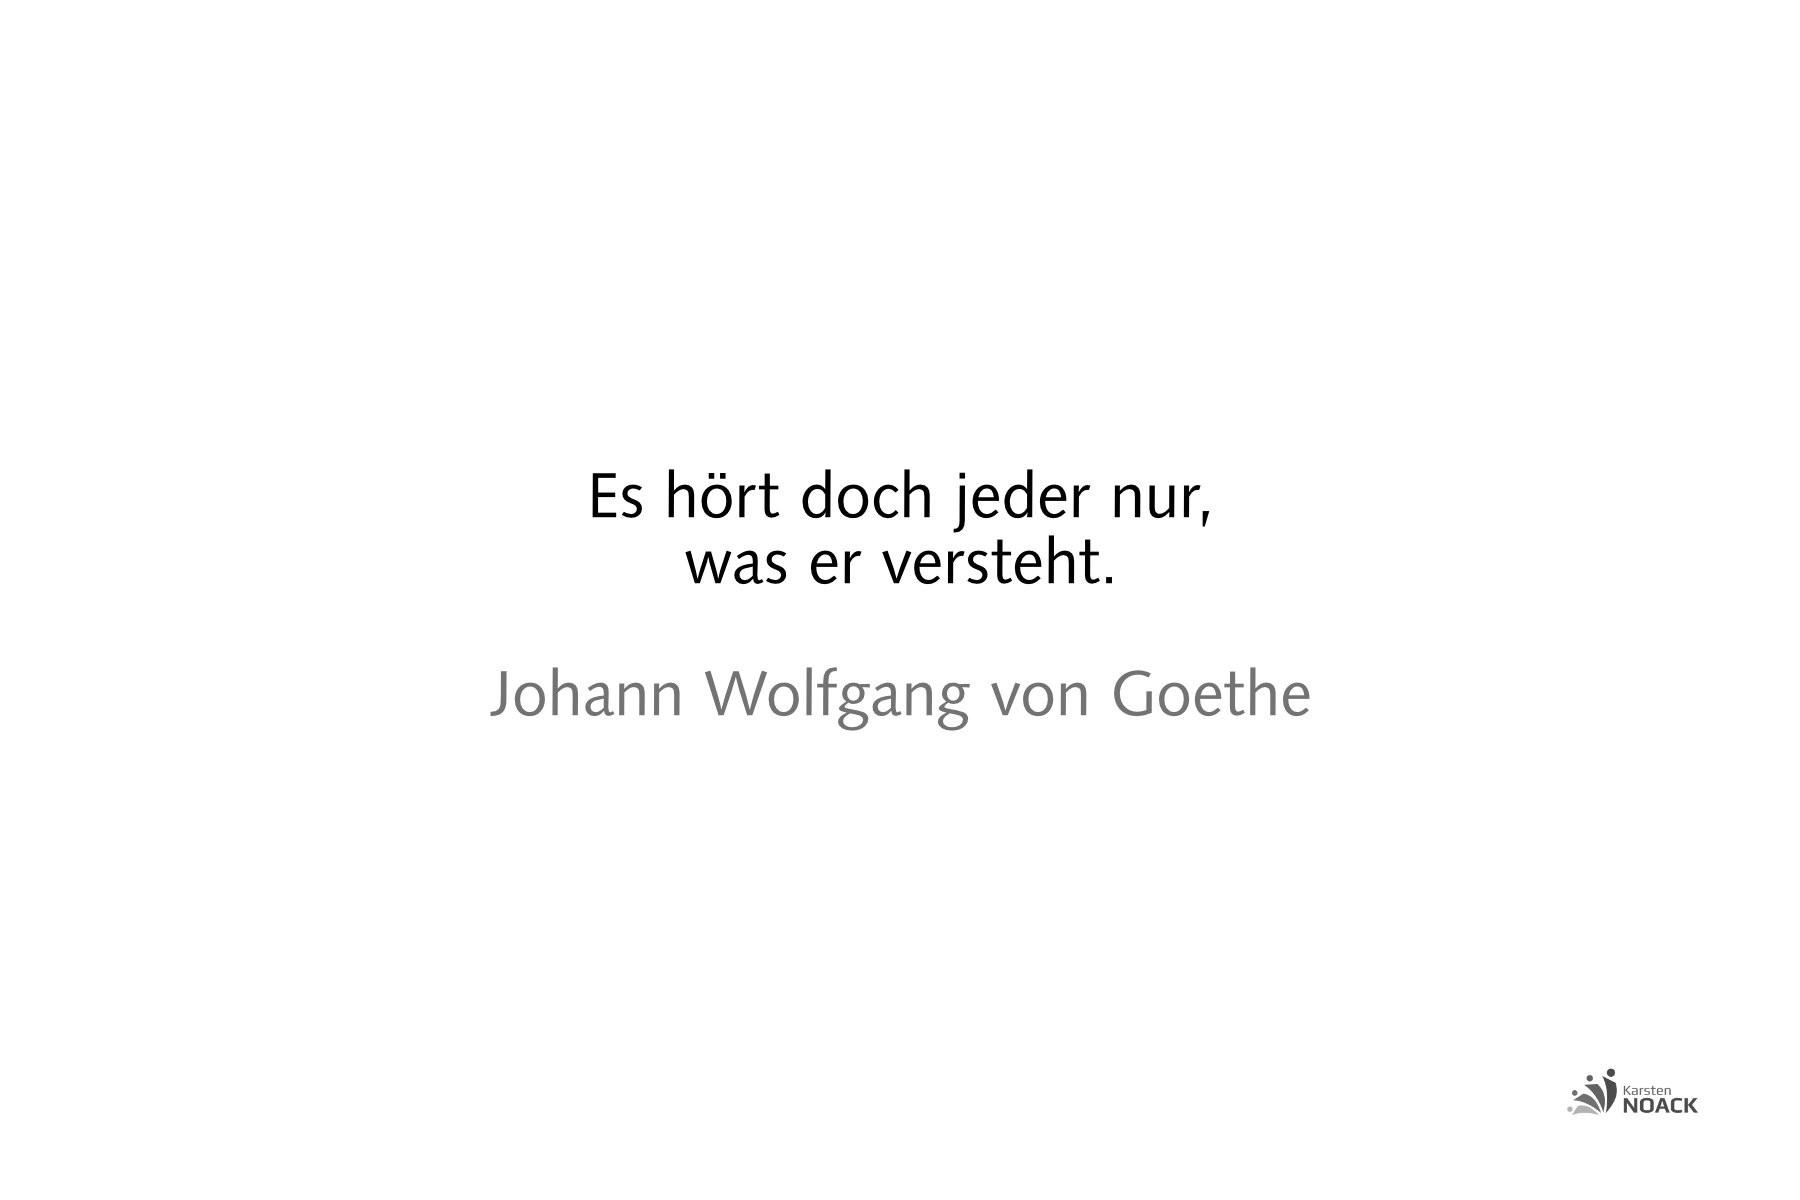 Es hört doch jeder nur, was er versteht. Johann Wolfgang von Goethe